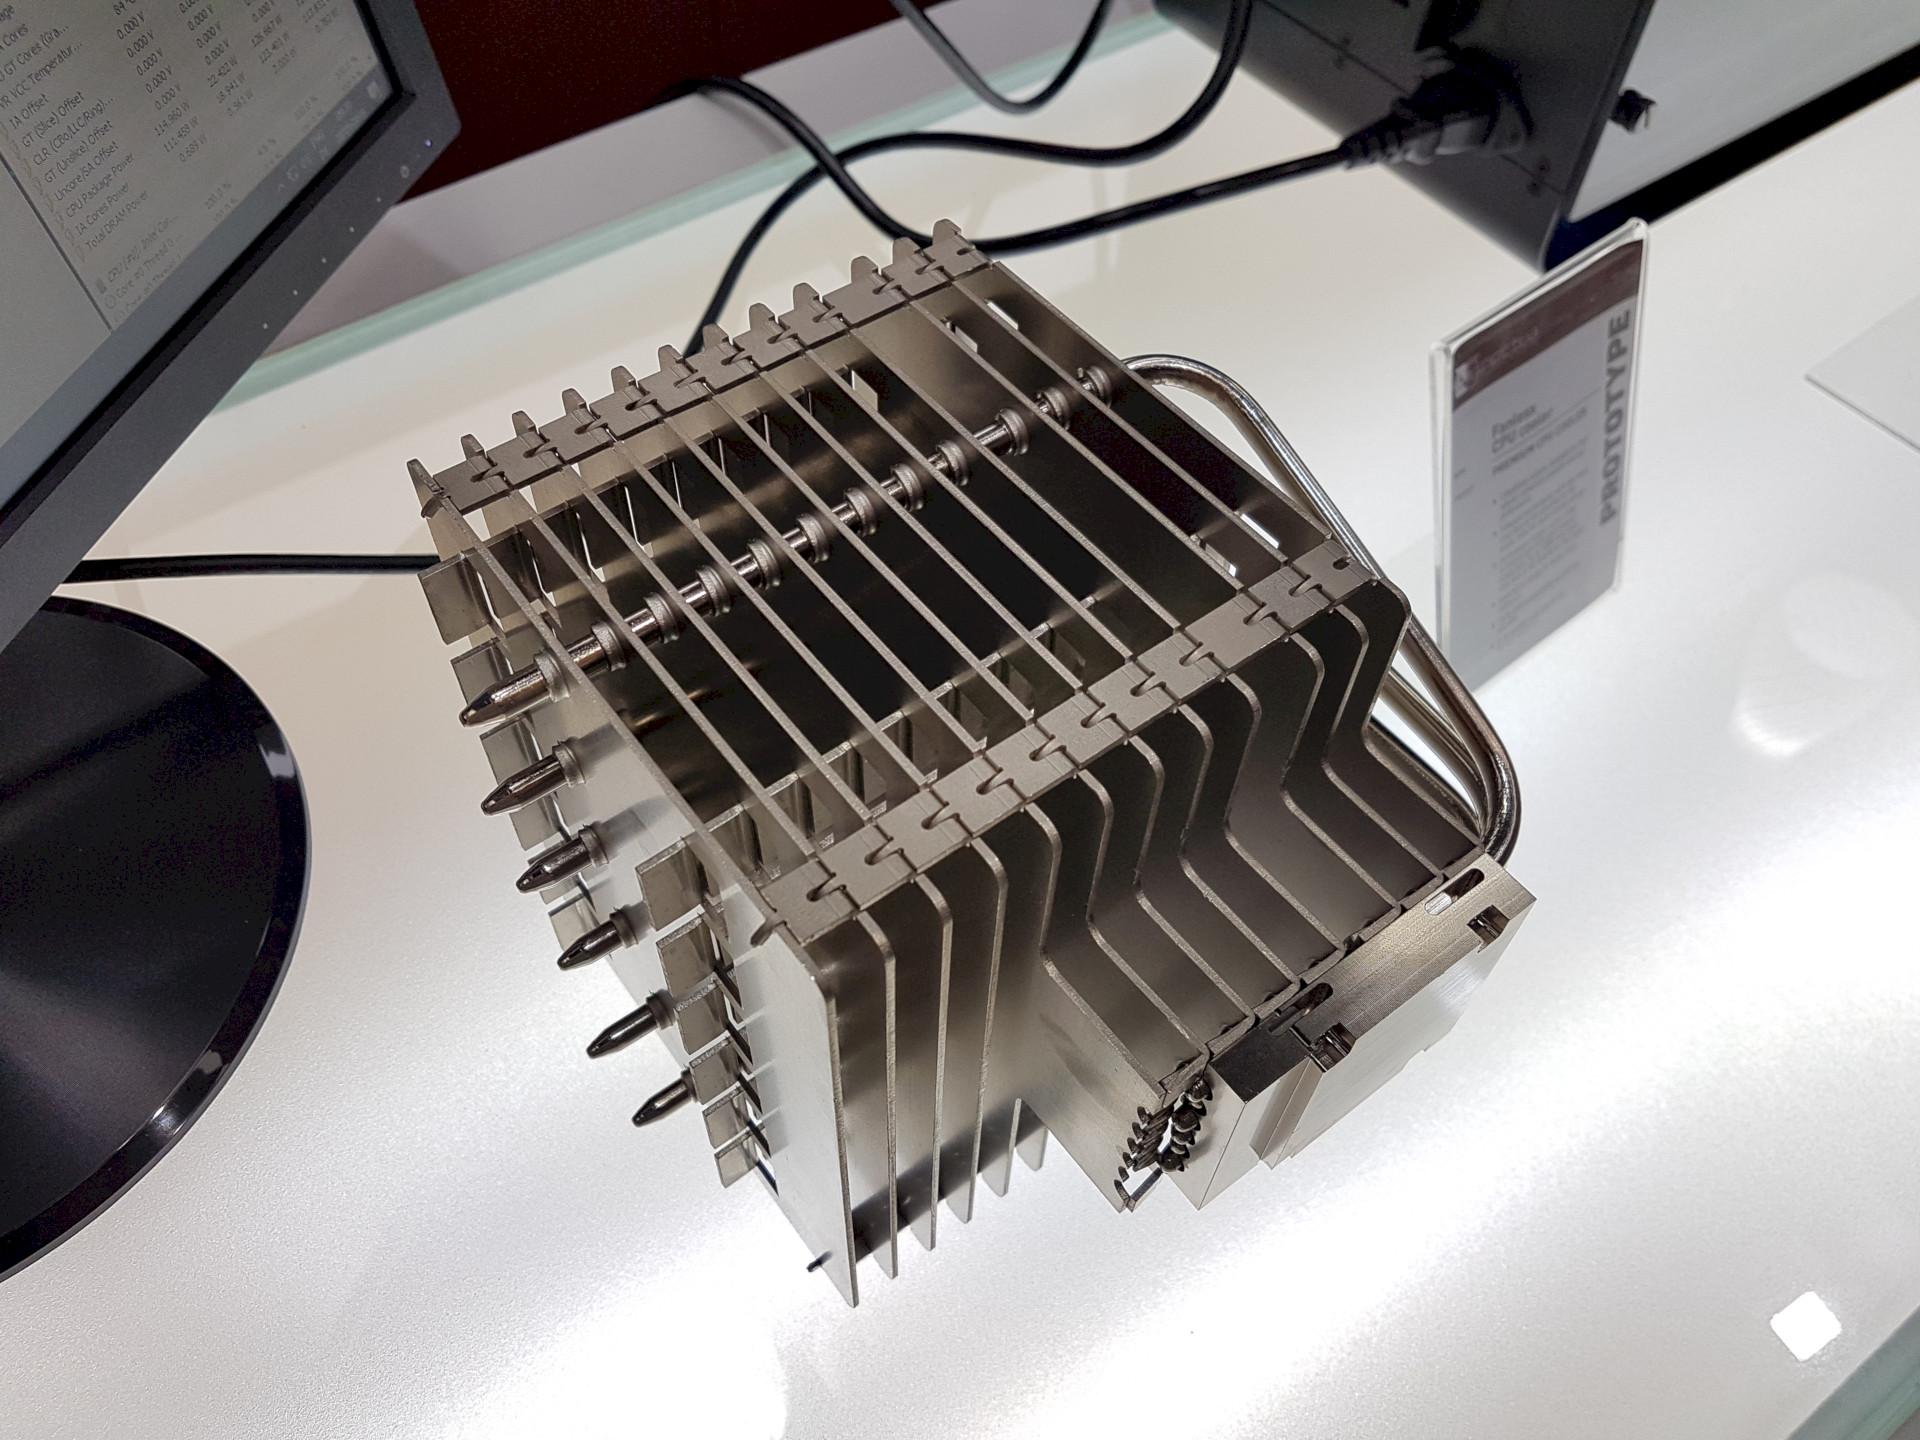 Image 1 : Computex : Noctua s'attaque au refroidissement passif avec un radiateur CPU géant !